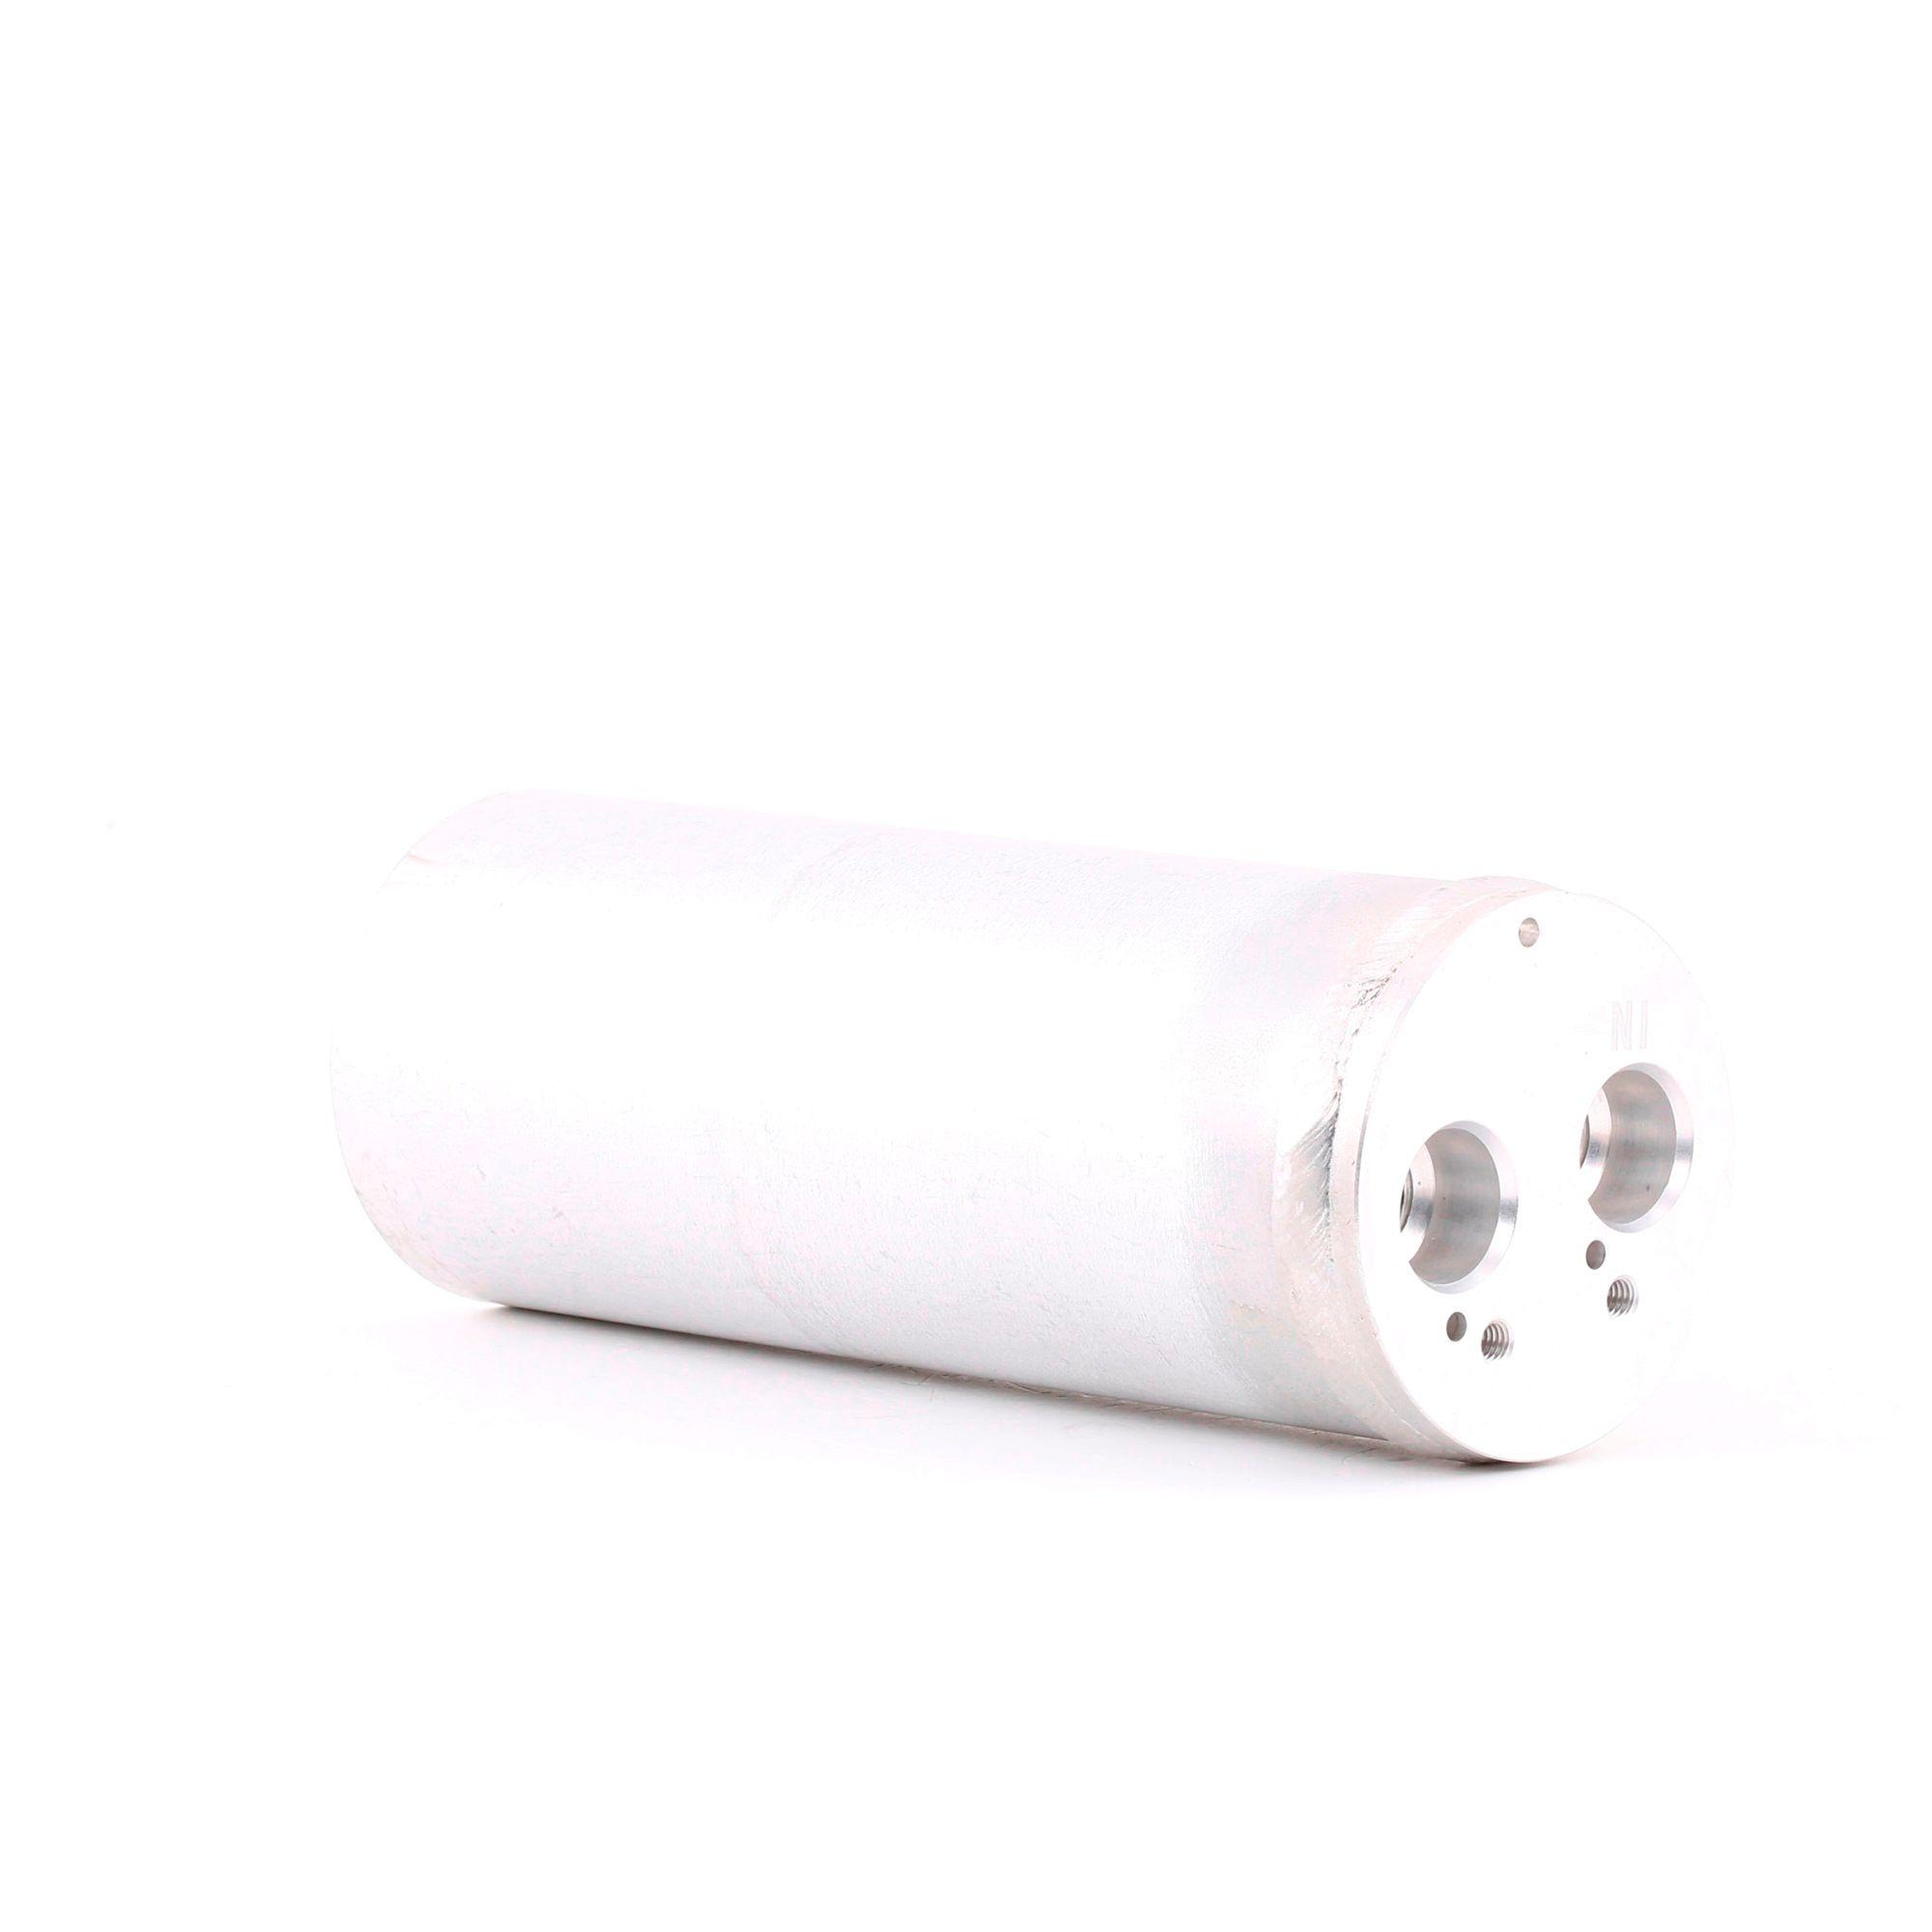 Trockner Klimaanlage 33205 rund um die Uhr online kaufen